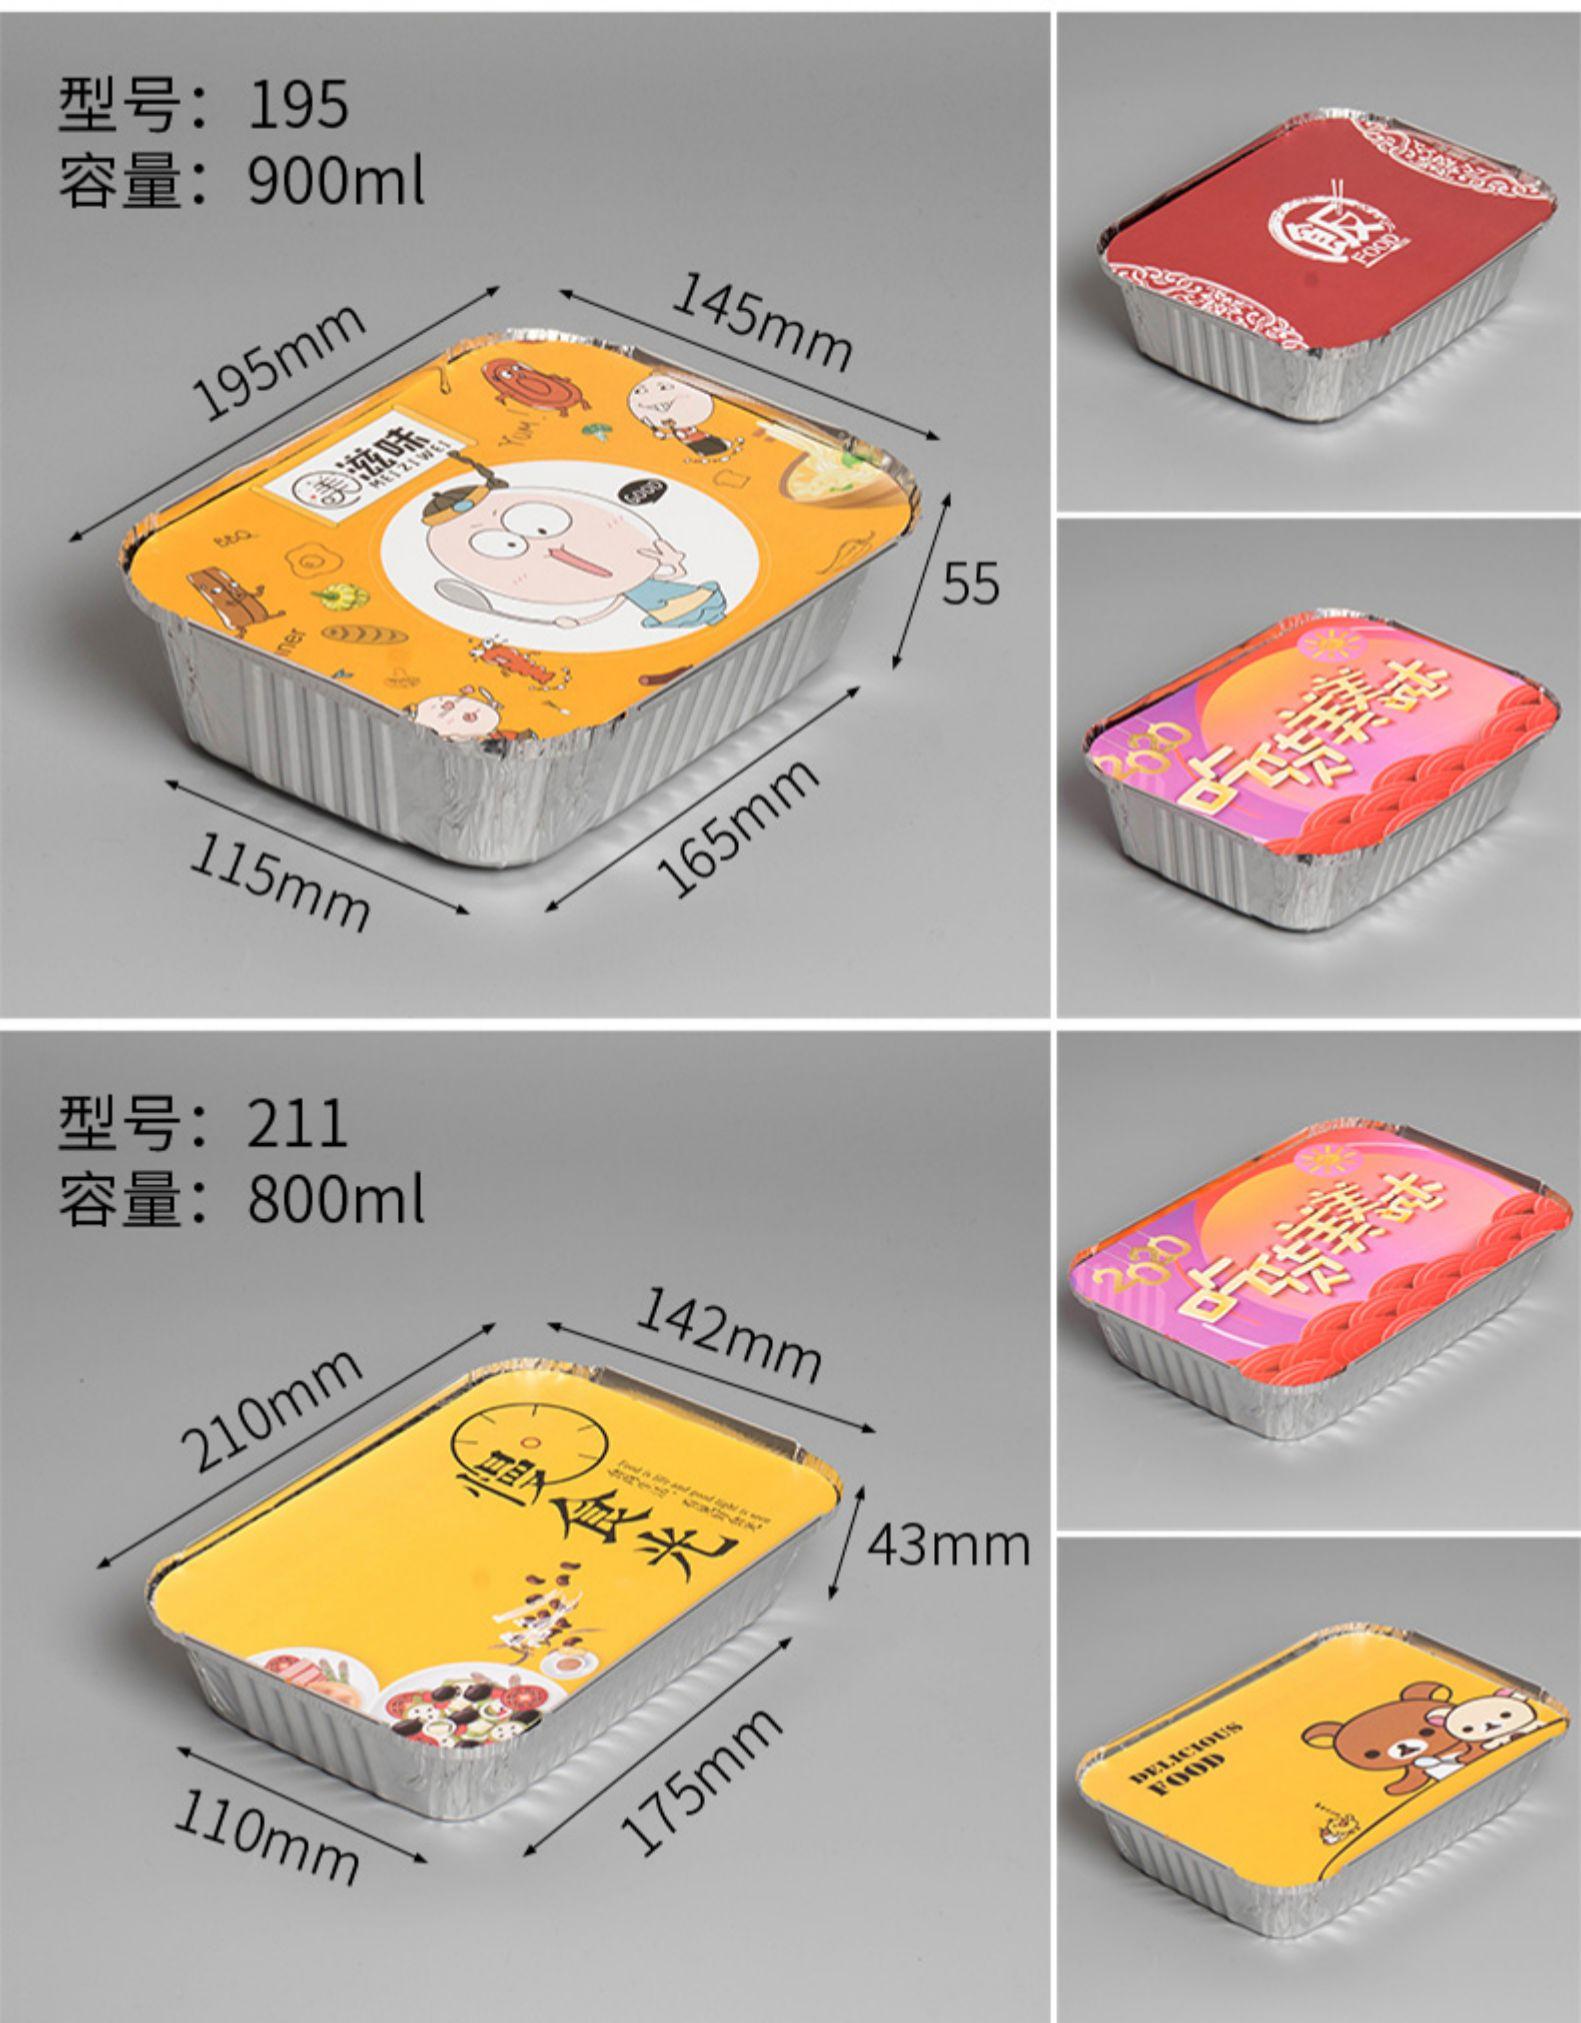 加厚烧烤锡纸盒一次性快餐盒长方形带盖子子焗烤饭外送打包铝箔盒定製详细照片